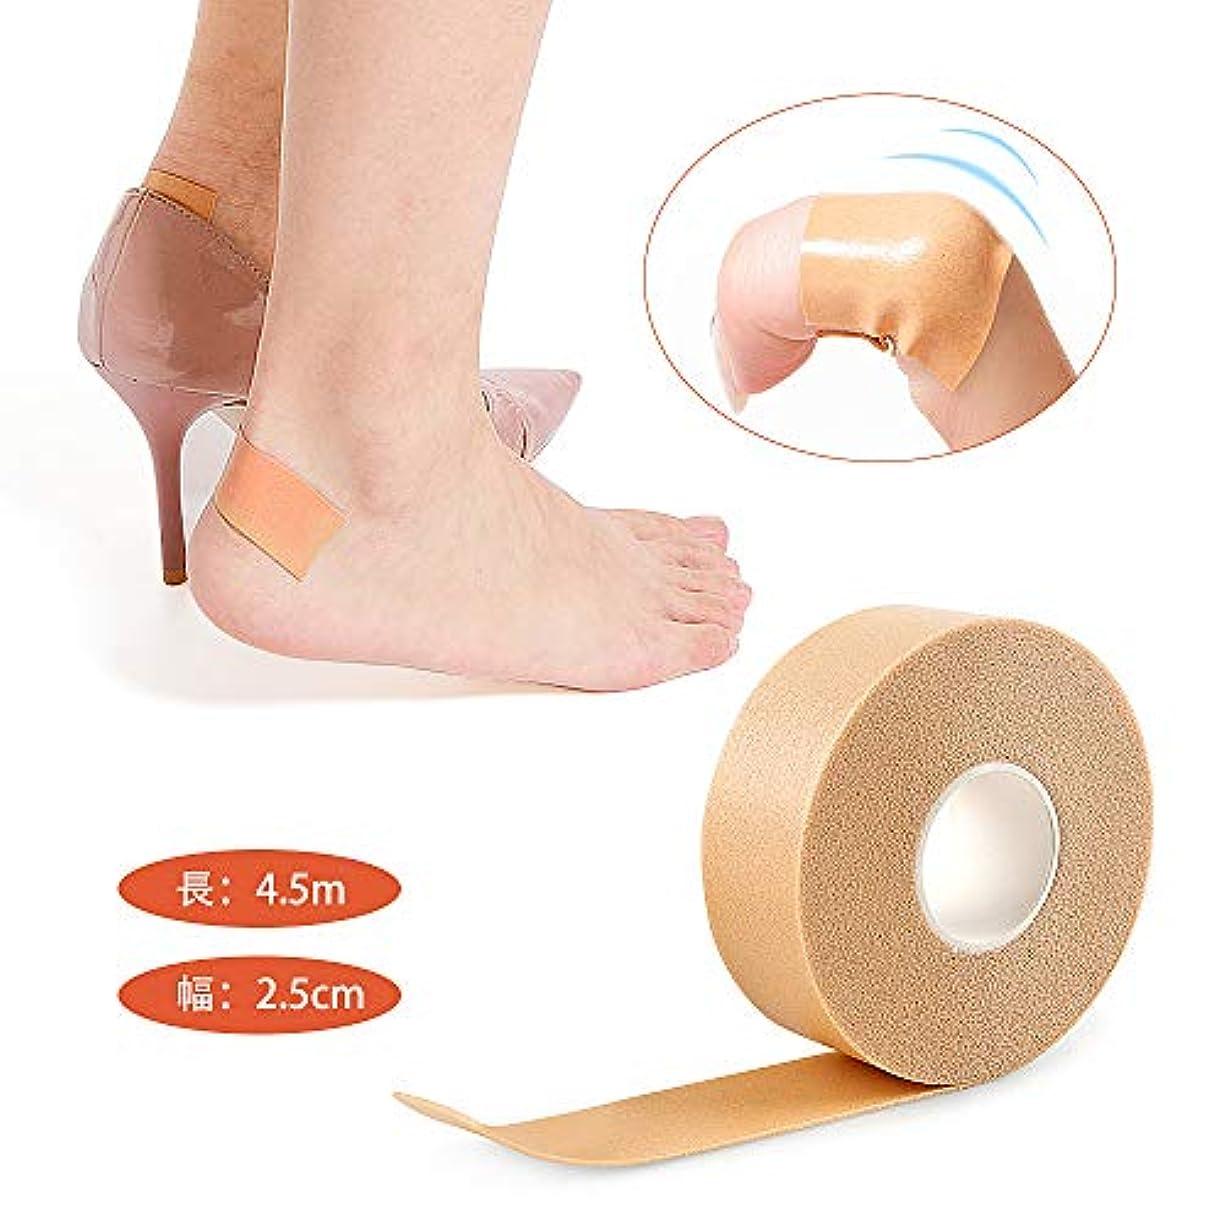 ヘロイン降雨ボウリングAzue 靴擦れ防止パッド かかとパッド 靴ずれ予防テープ テープ 防水素材 粘着 幅2.5cm×長4.5m 保護テープ 足用保護パッド 男女兼用